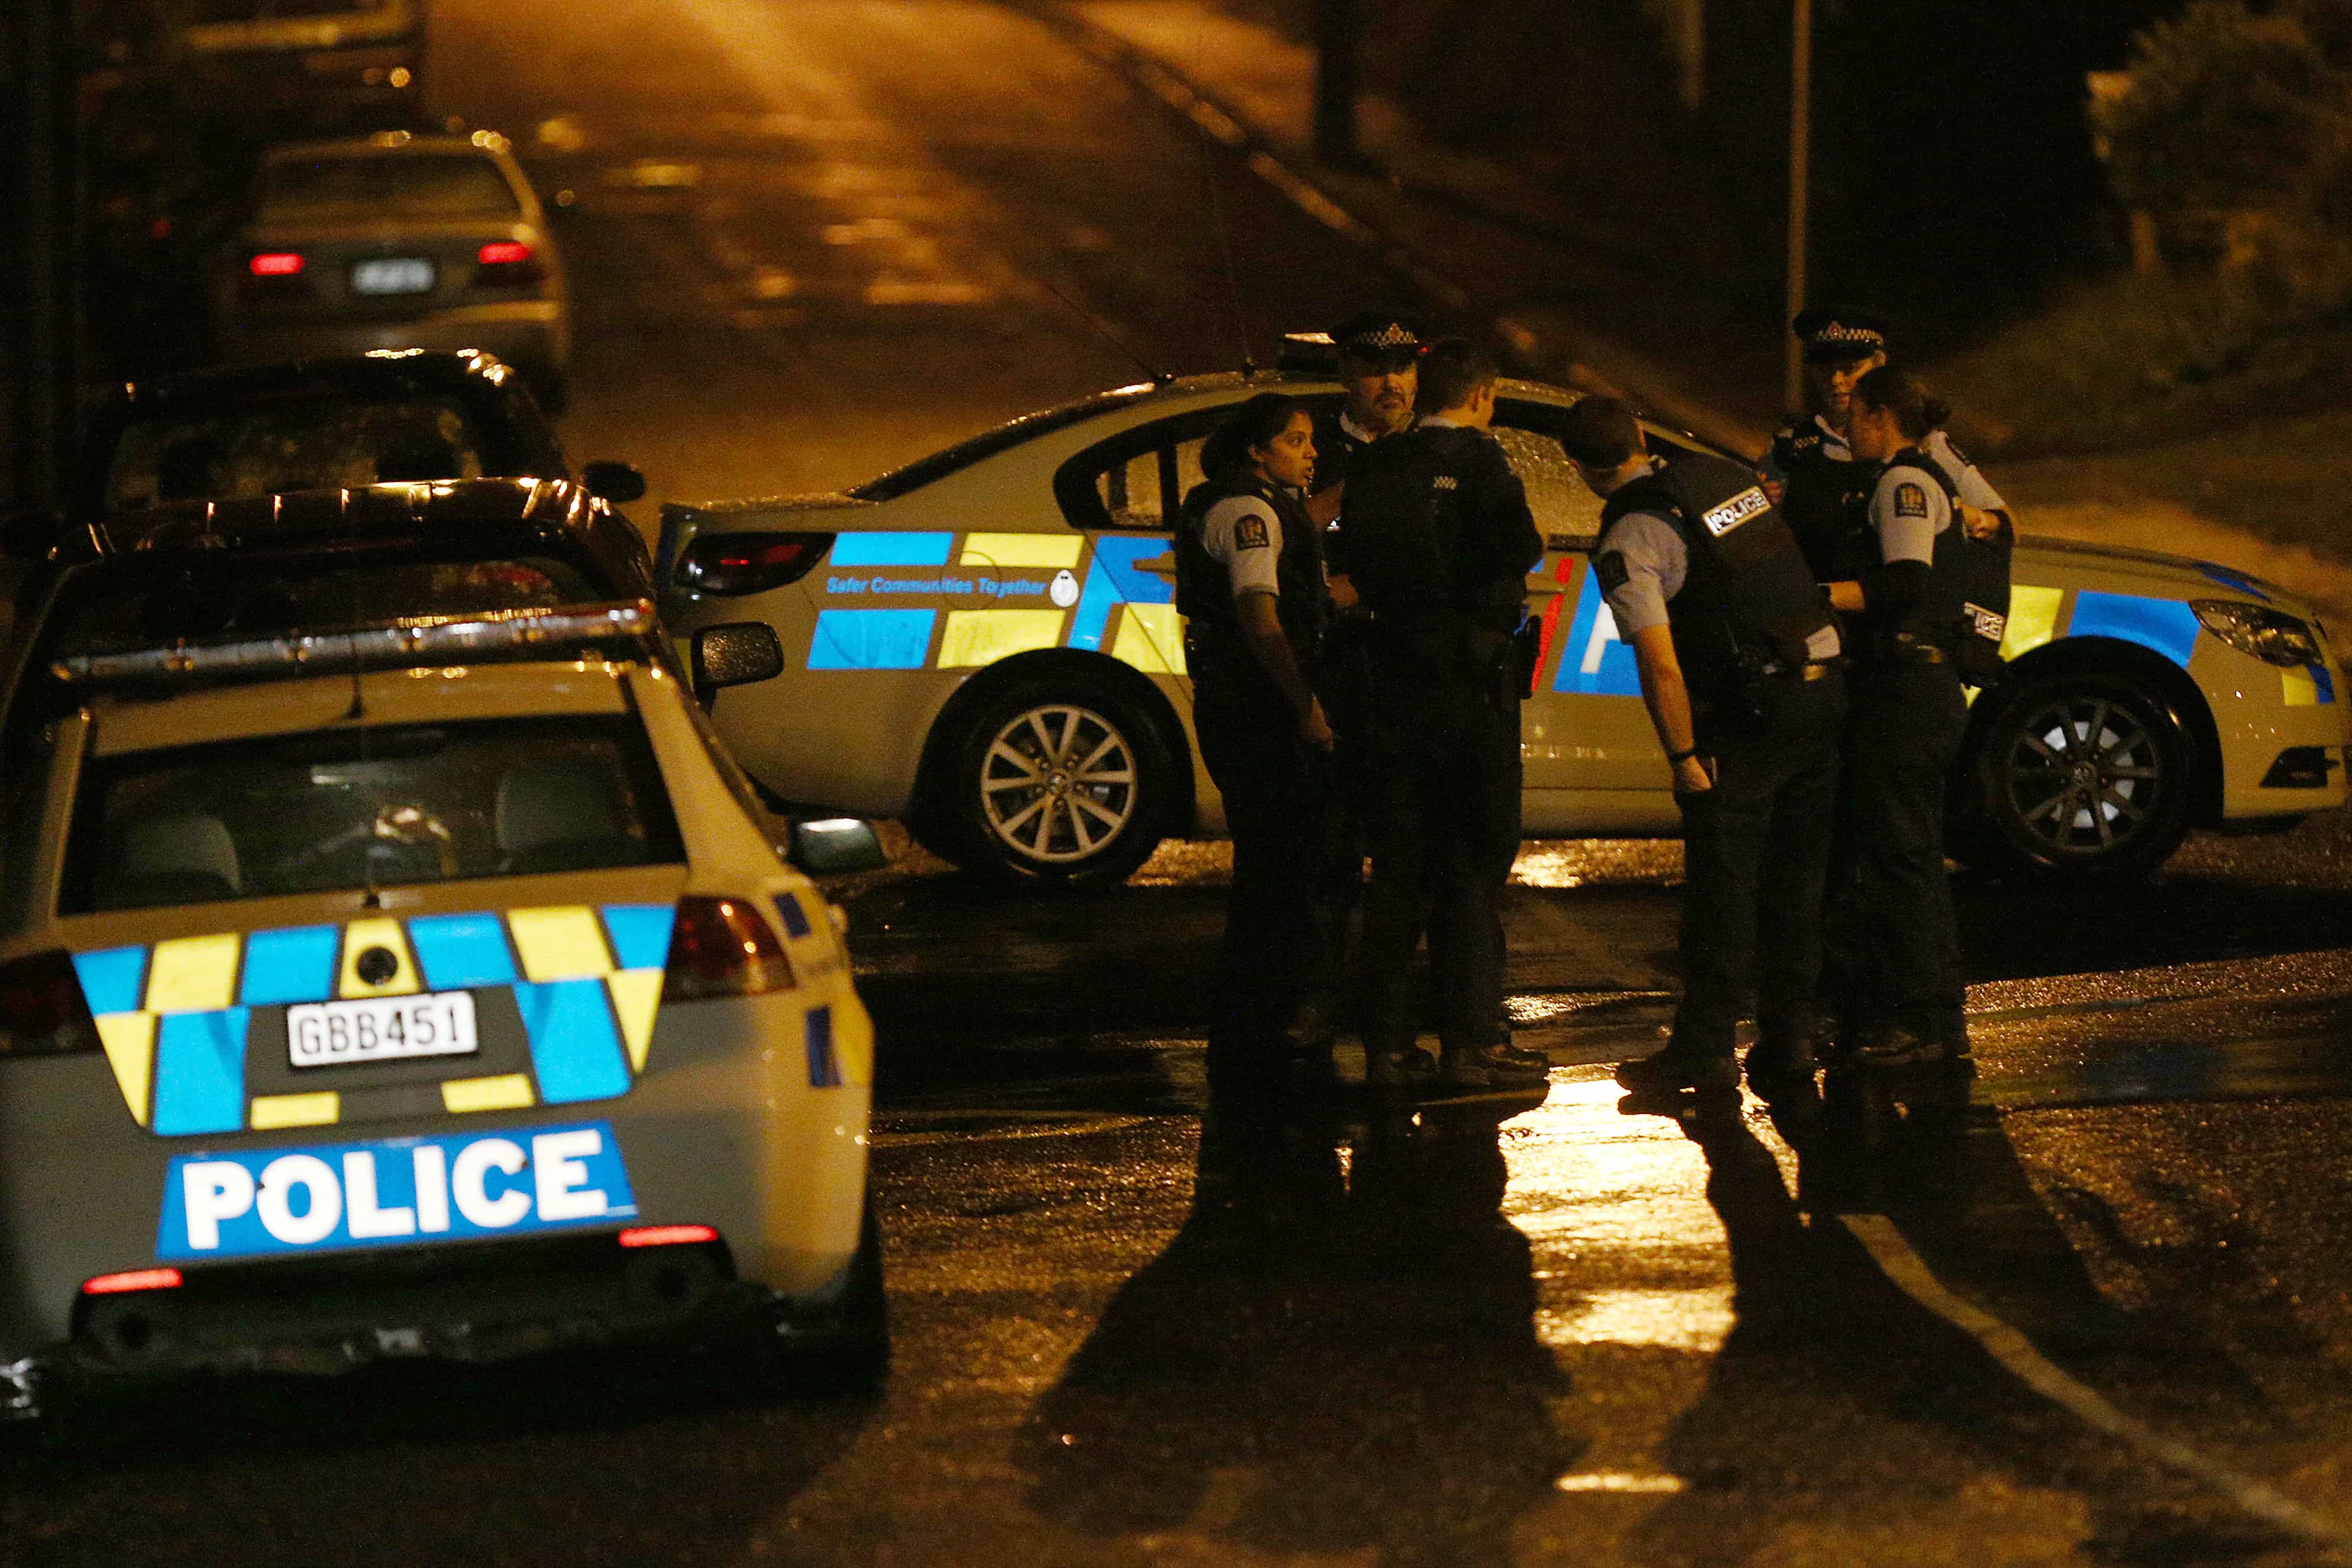 Foi assim que dois agentes prenderam o terrorista da Nova Zelândia